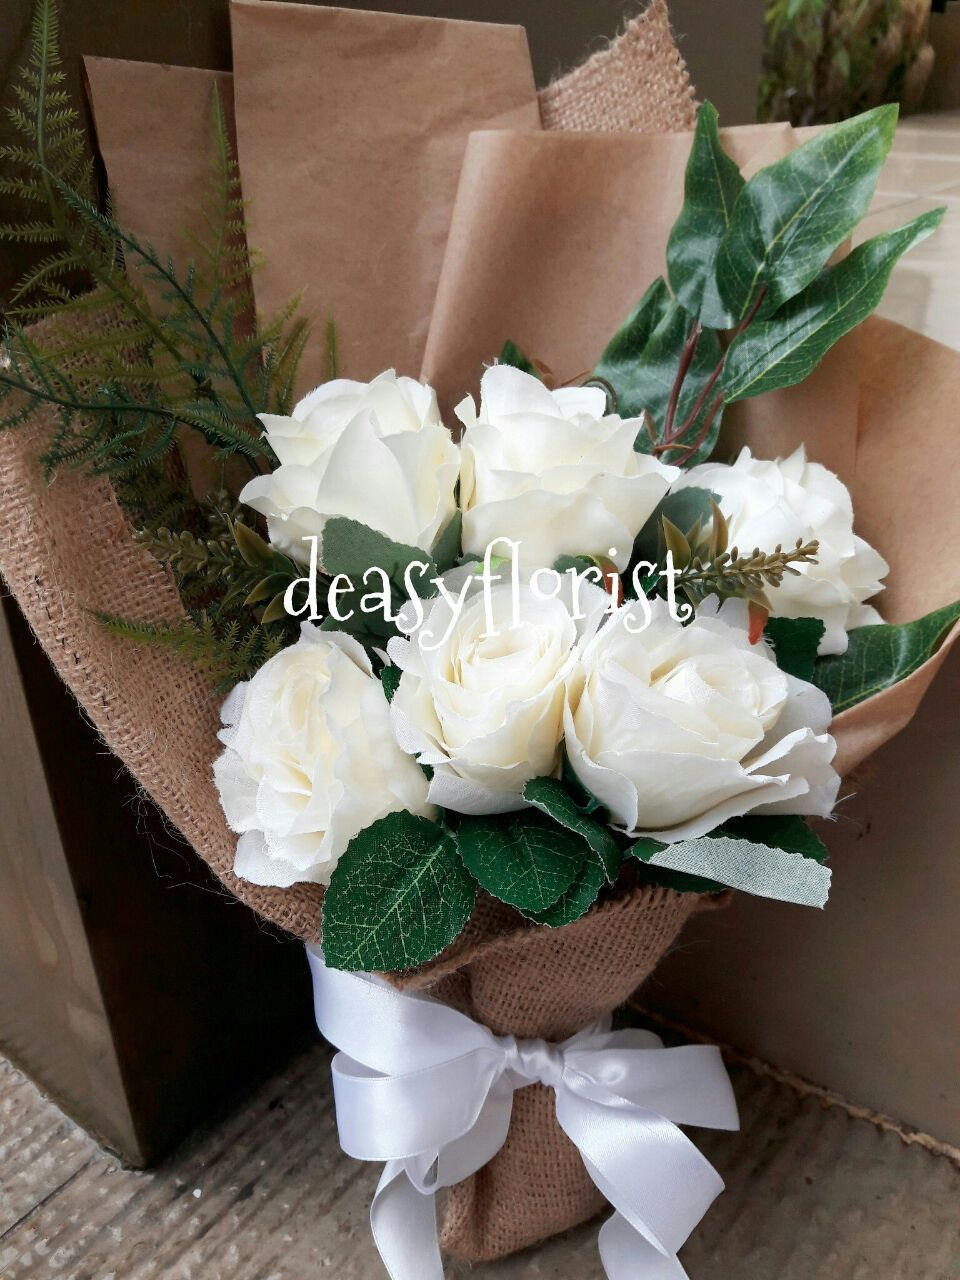 toko bunga mawar di tangerang 8dd522d7b9